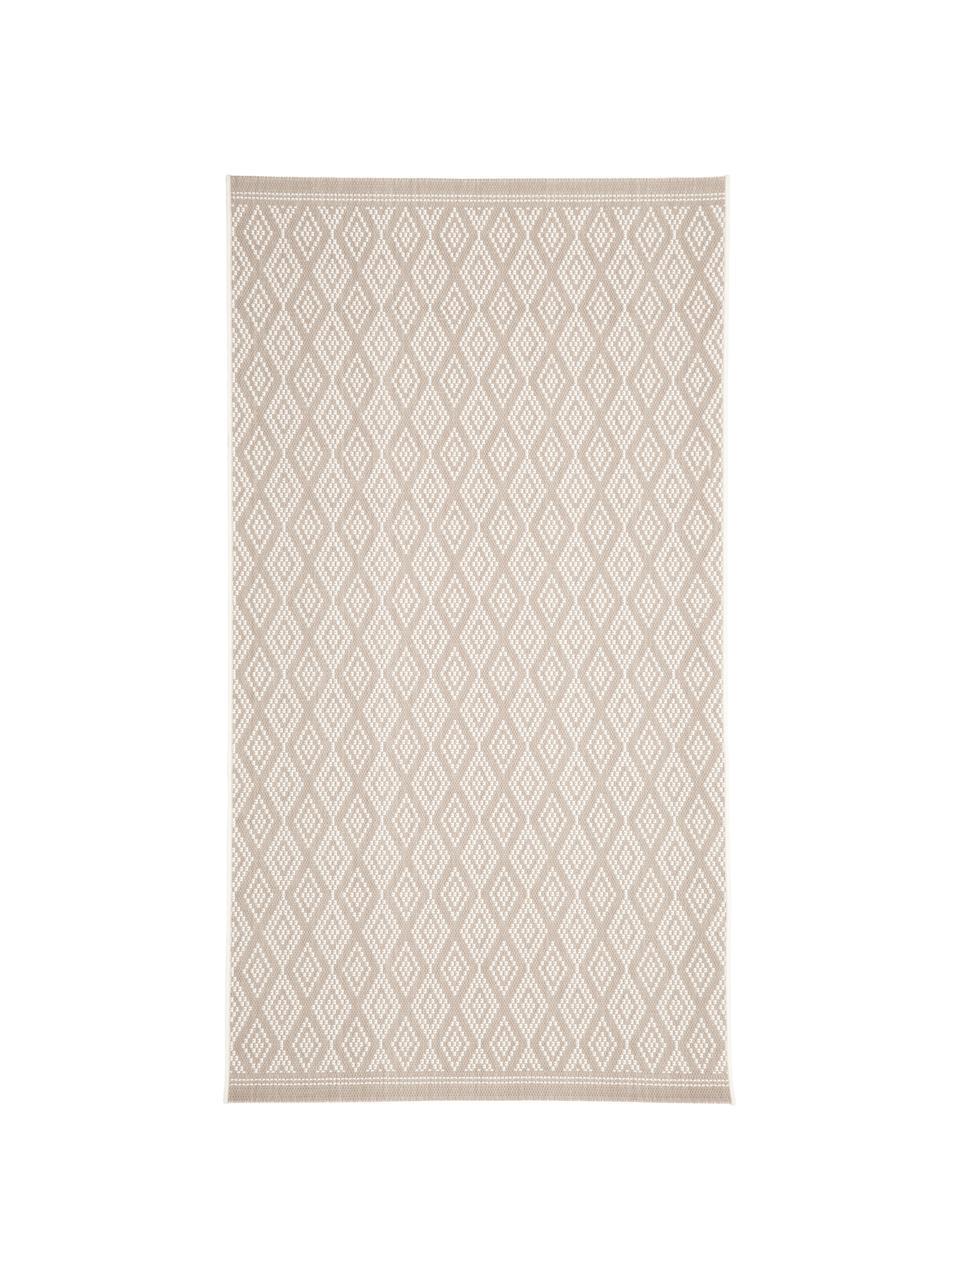 In- & outdoor vloerkleed Capri in beige/crèmekleur, 86% polypropyleen, 14% polyester, Crèmewit, beige, B 160 x L 230 cm (maat M)